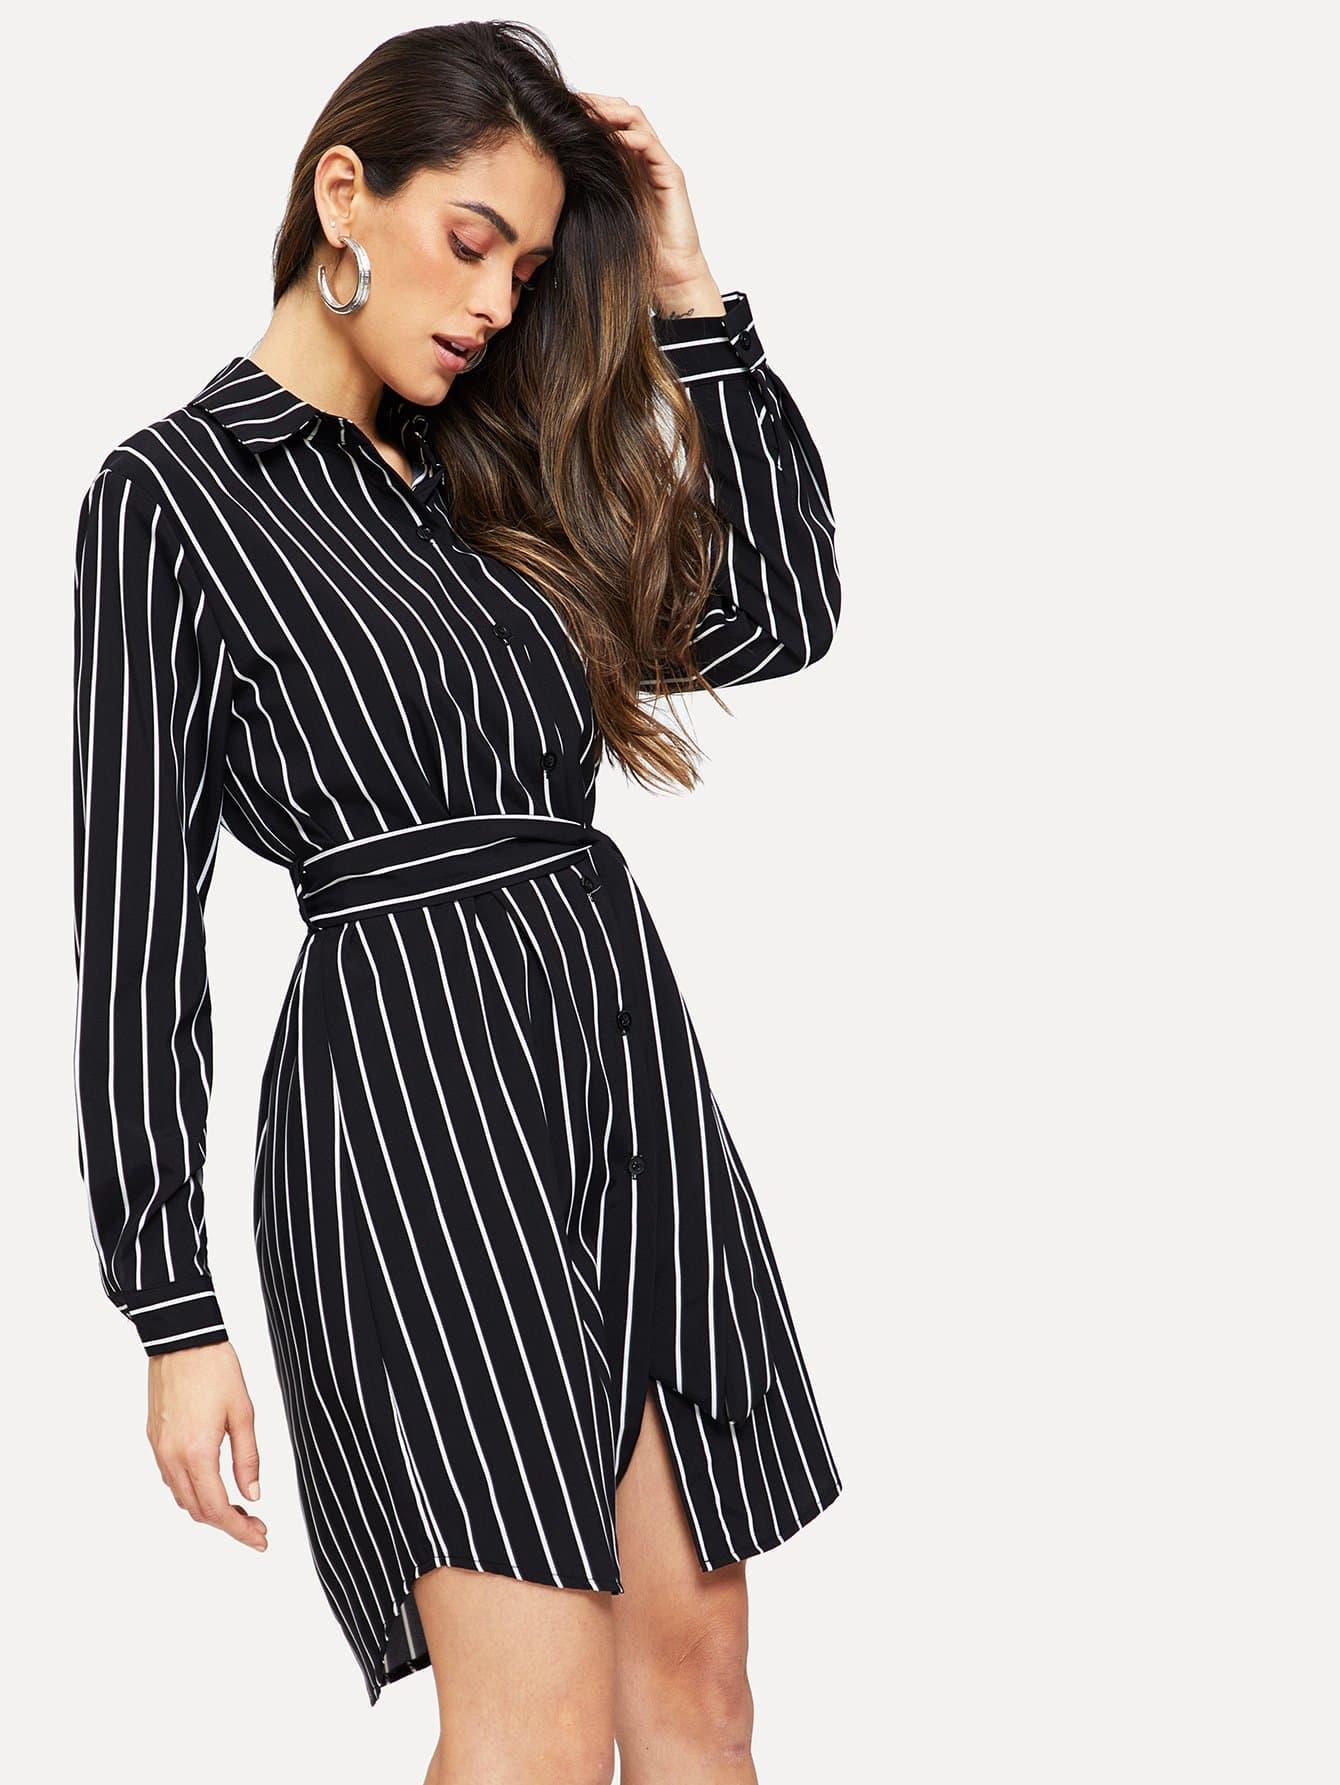 Купить Полосатое одеобортное платье-рубашки униформы, Carol A, SheIn